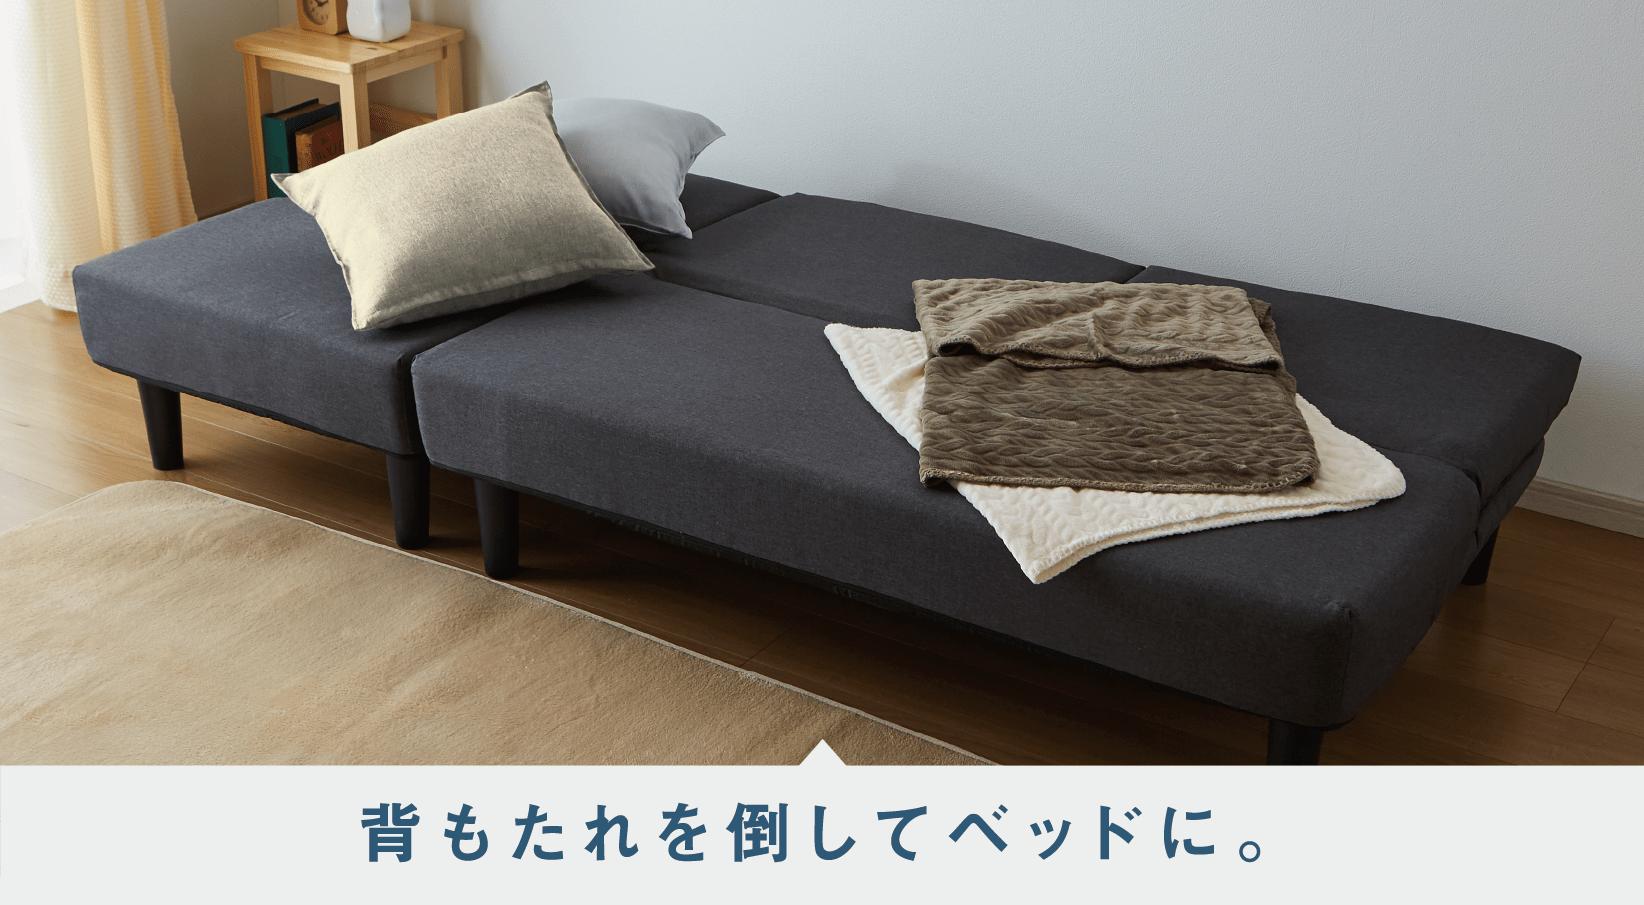 背もたれを倒してベッドに。